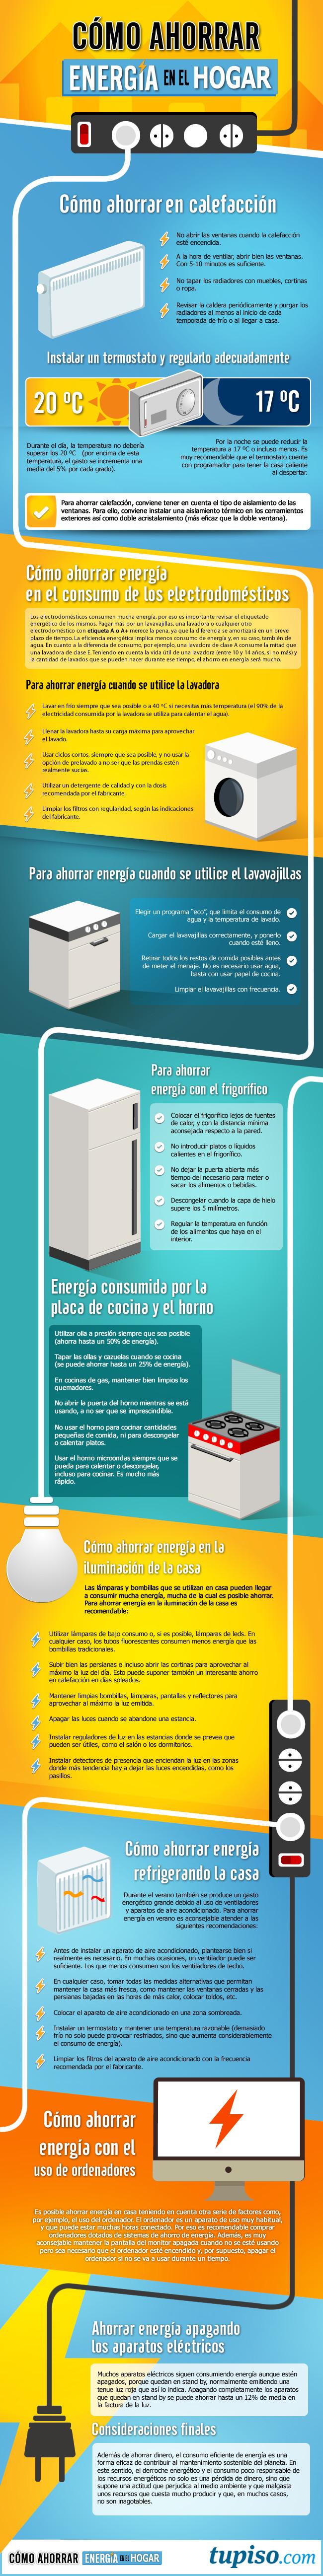 como-ahorrar-energia-en-el-hogar